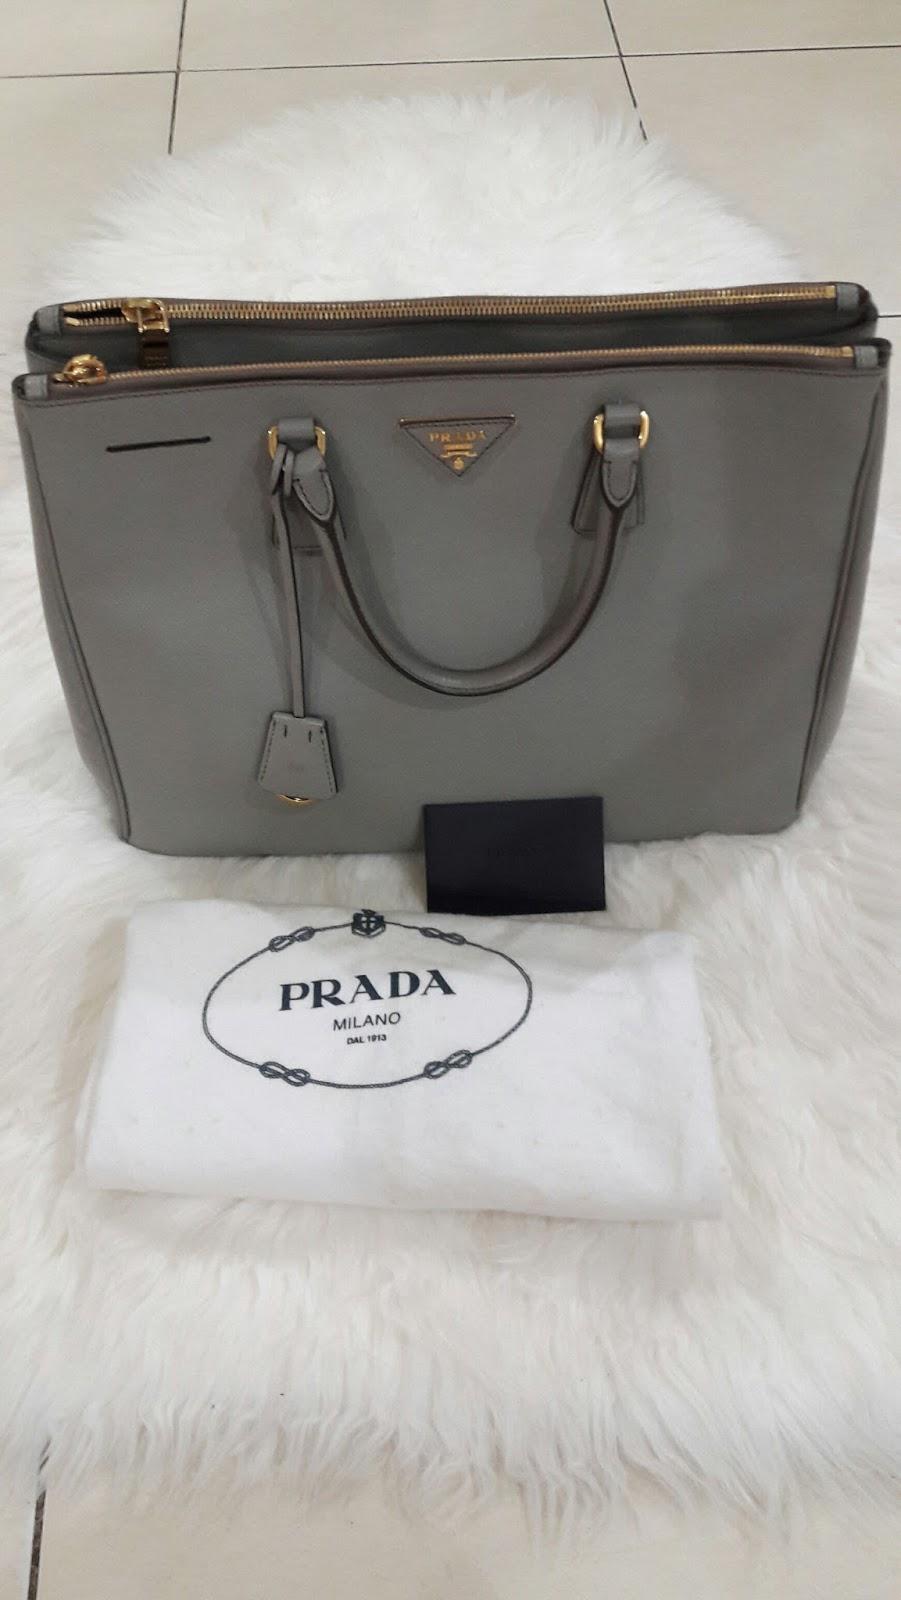 ... handbag new baru original authentic asli murah sale e161f 6eff2  where  to buy prada bag saffiano 2 zipper 064e3 b9527 667c73d361